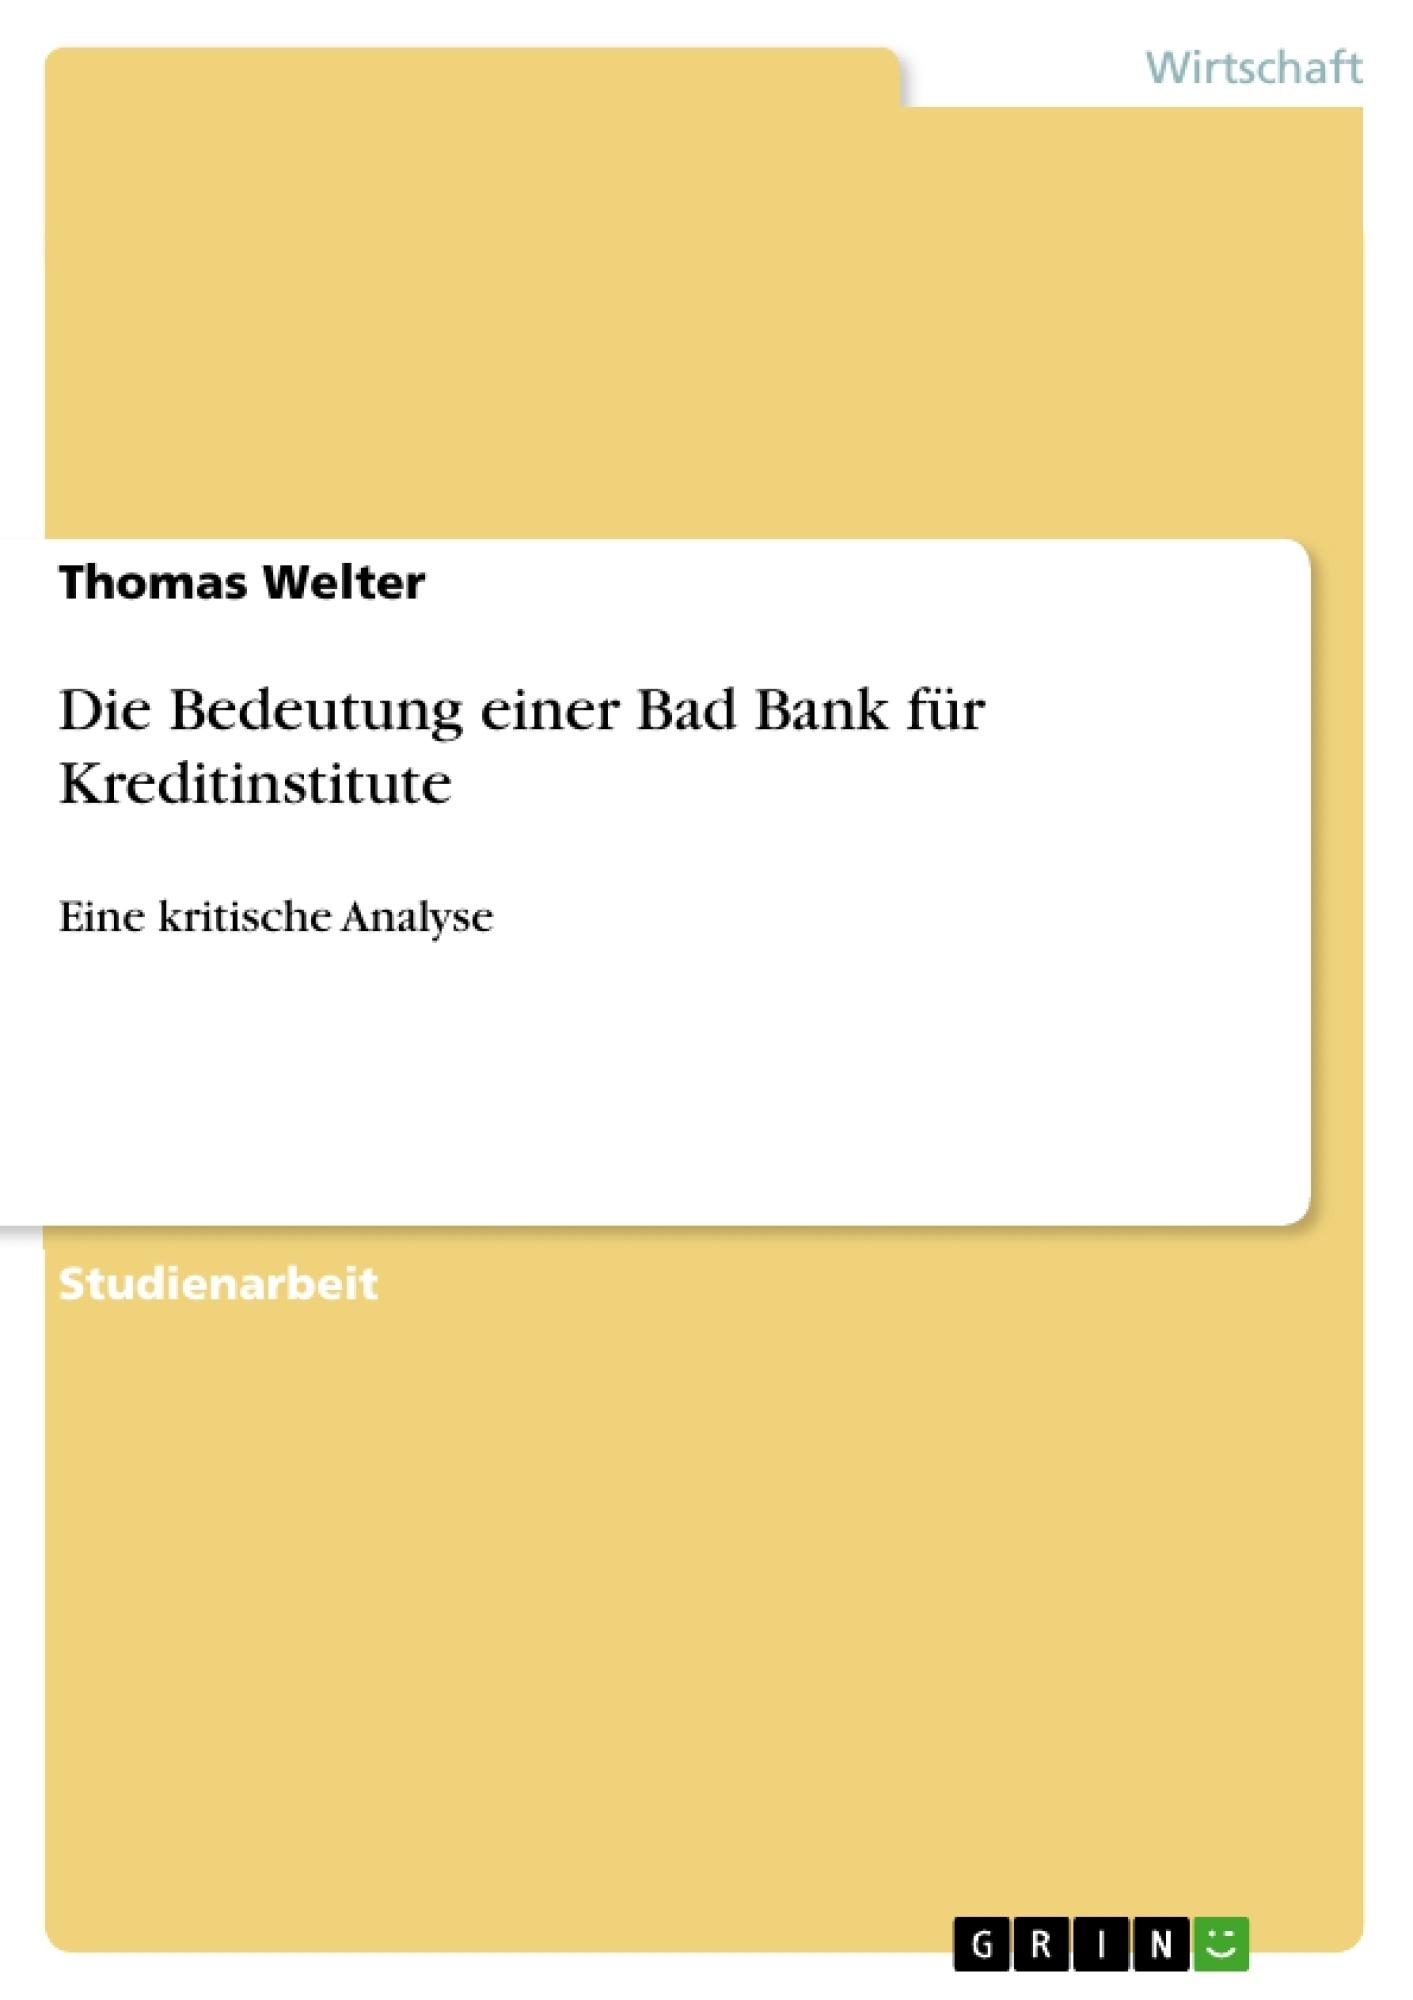 Titel: Die Bedeutung einer Bad Bank für Kreditinstitute